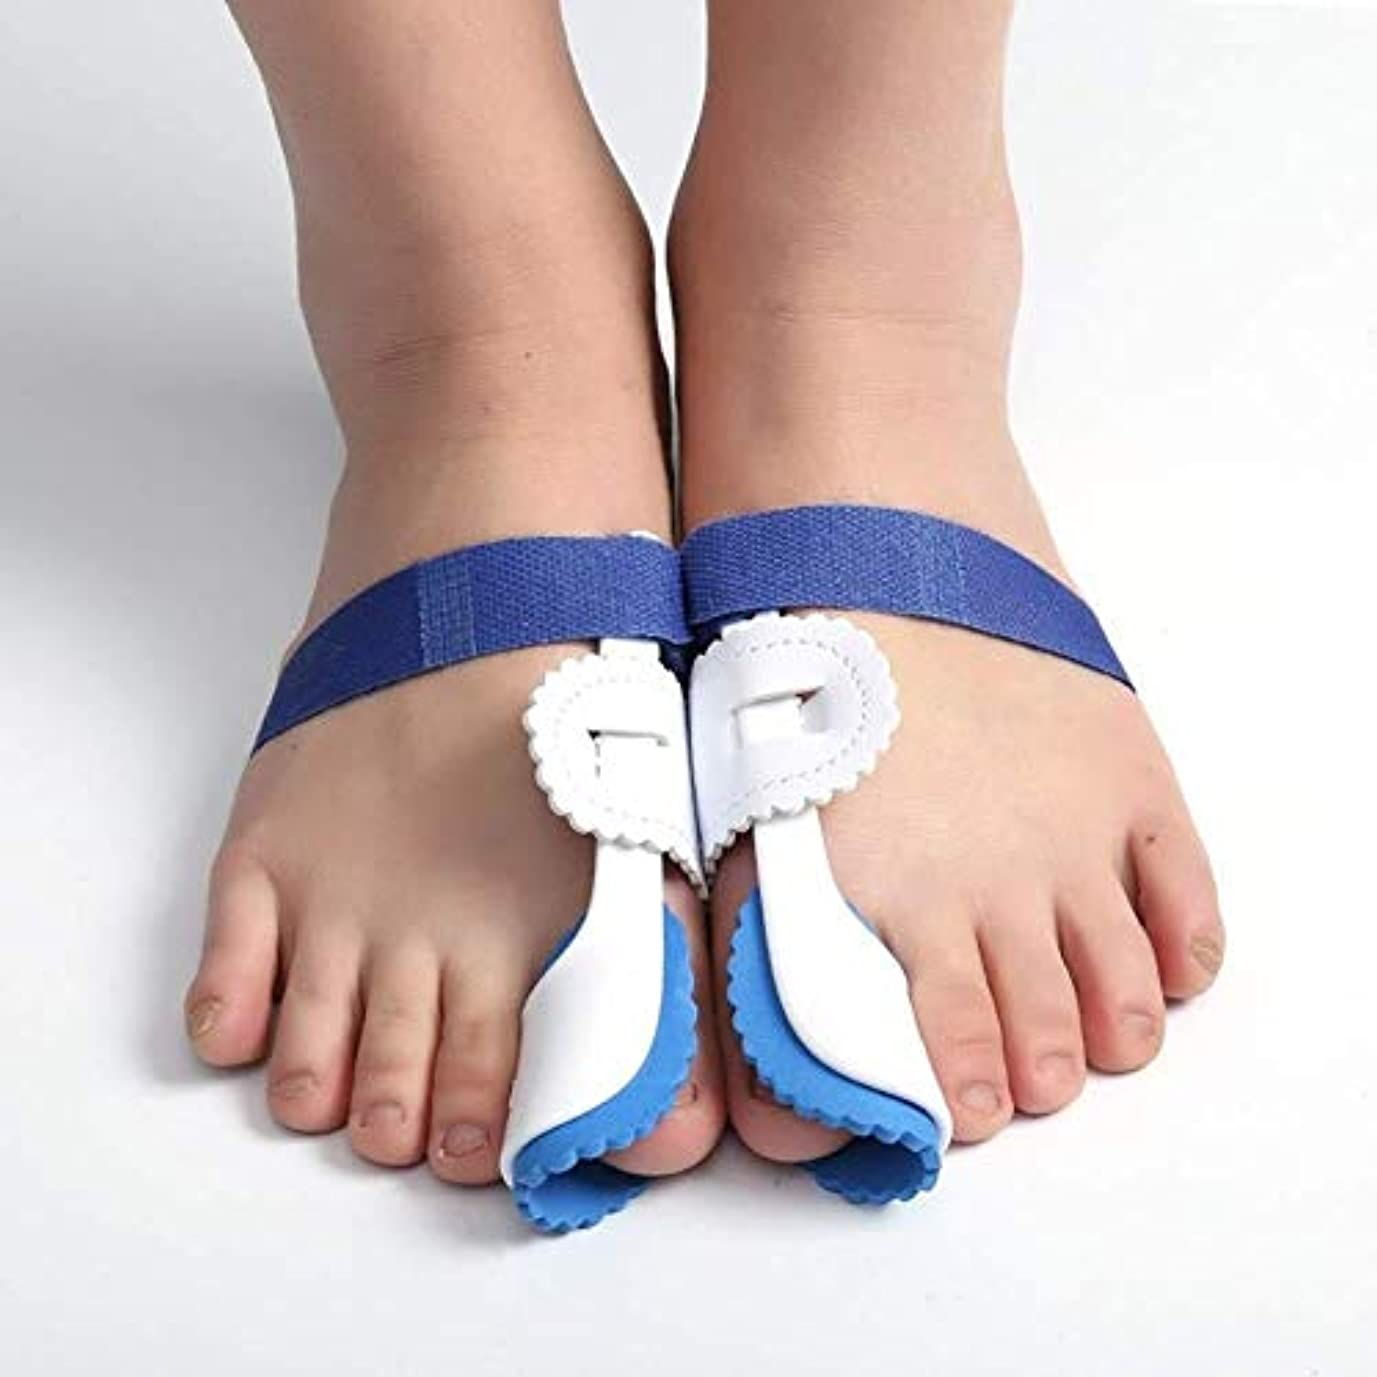 効能石油運賃足の親指の装具の足プロテクター、外反母趾装具ブレース外反母趾のための調節可能なベルクロの足の毛のストレート